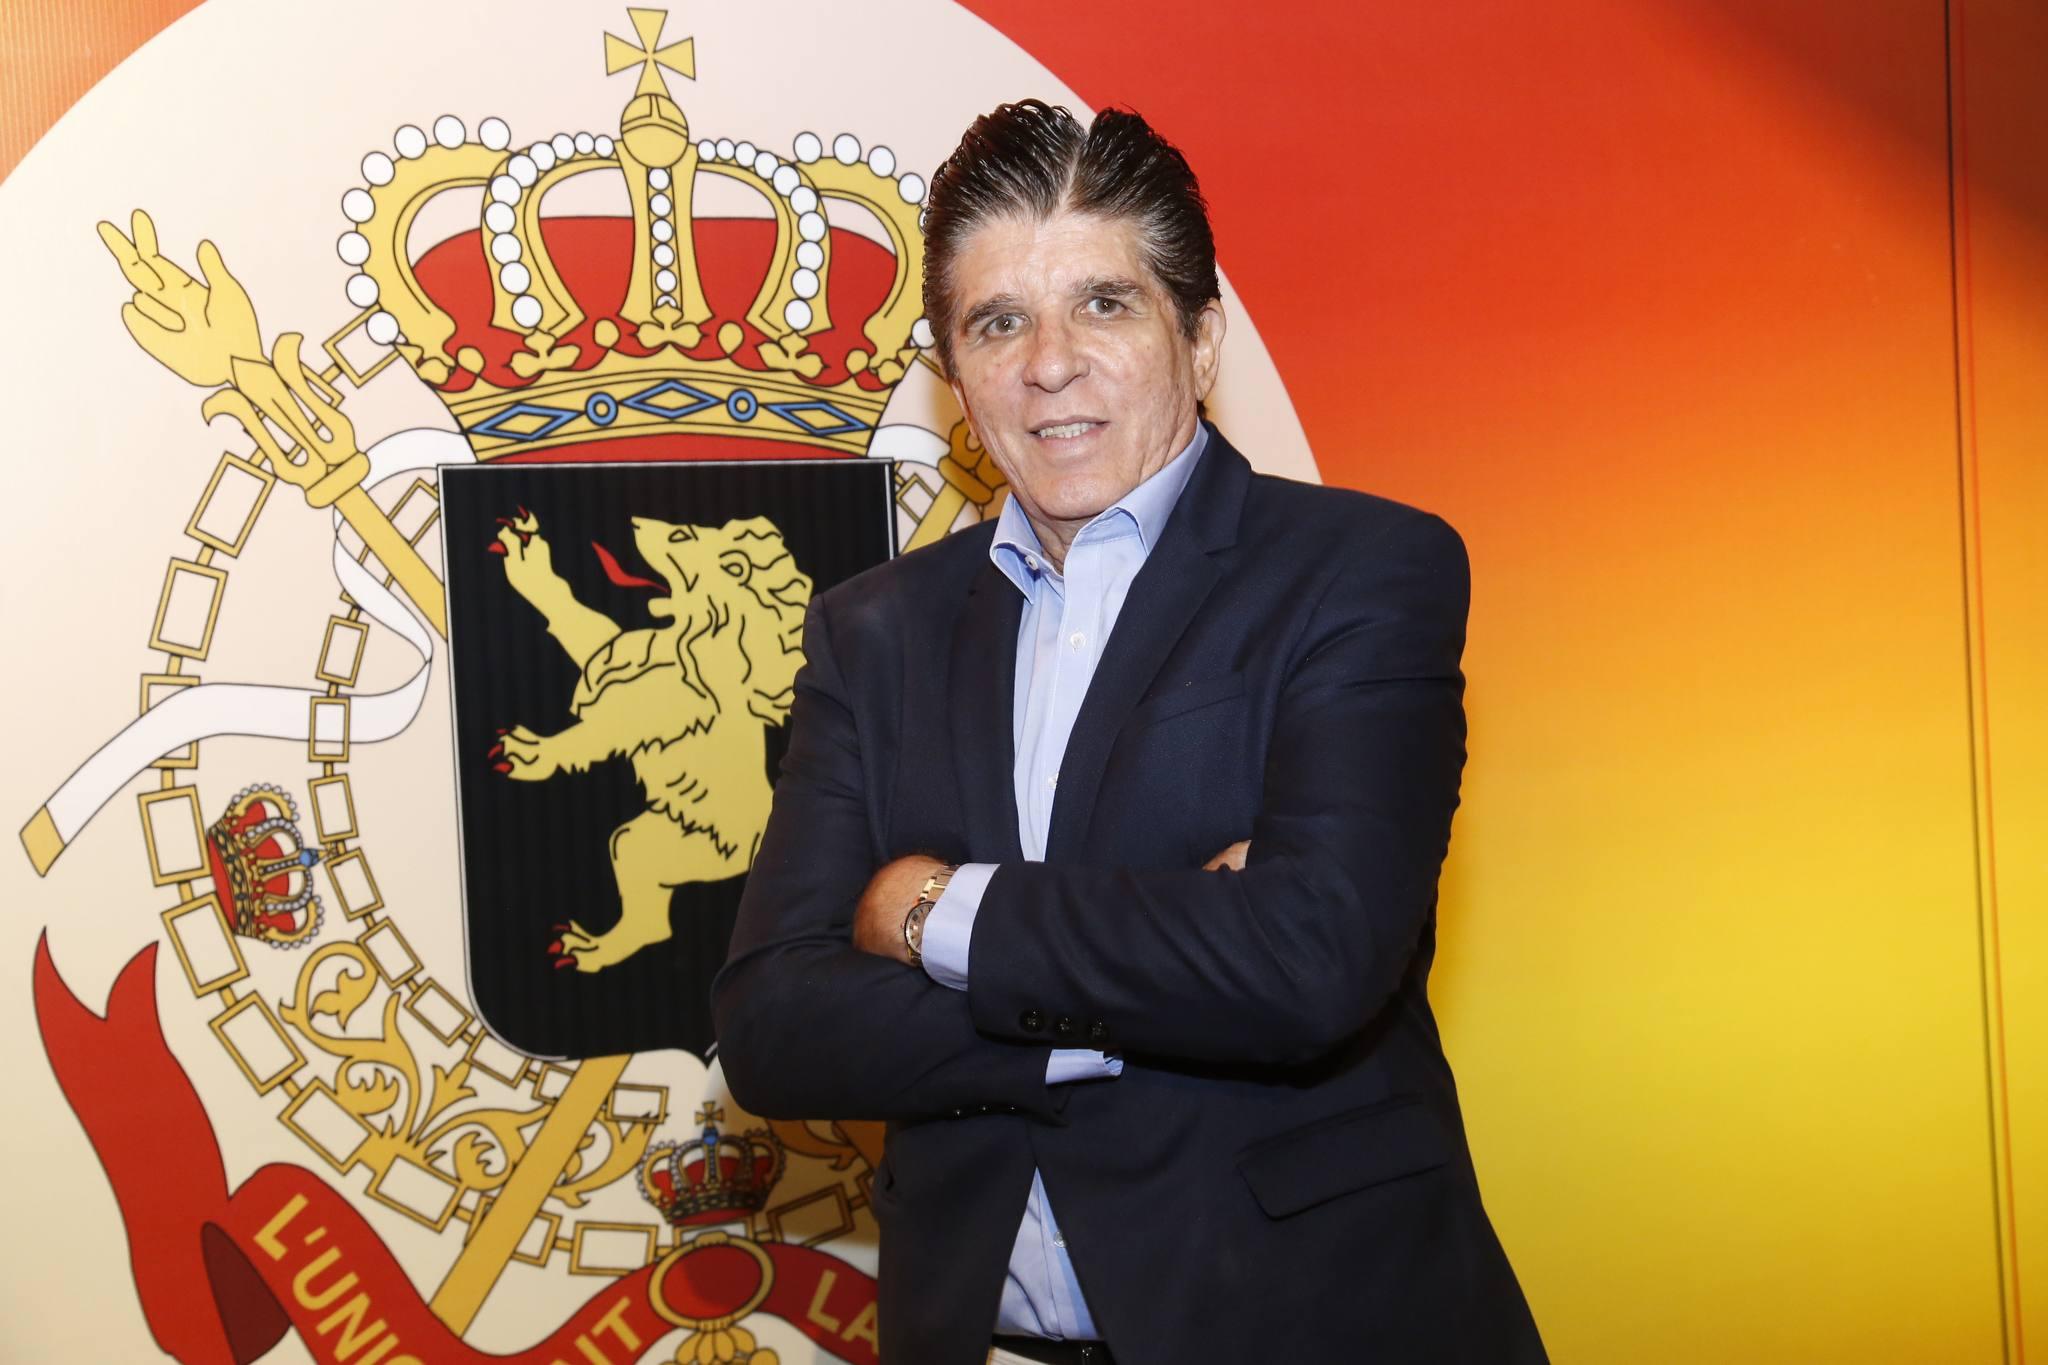 Leva a grife de Dito Machado a decoração do casamento de Nicole Vasconcelos e Pedro Paulo Carapeba